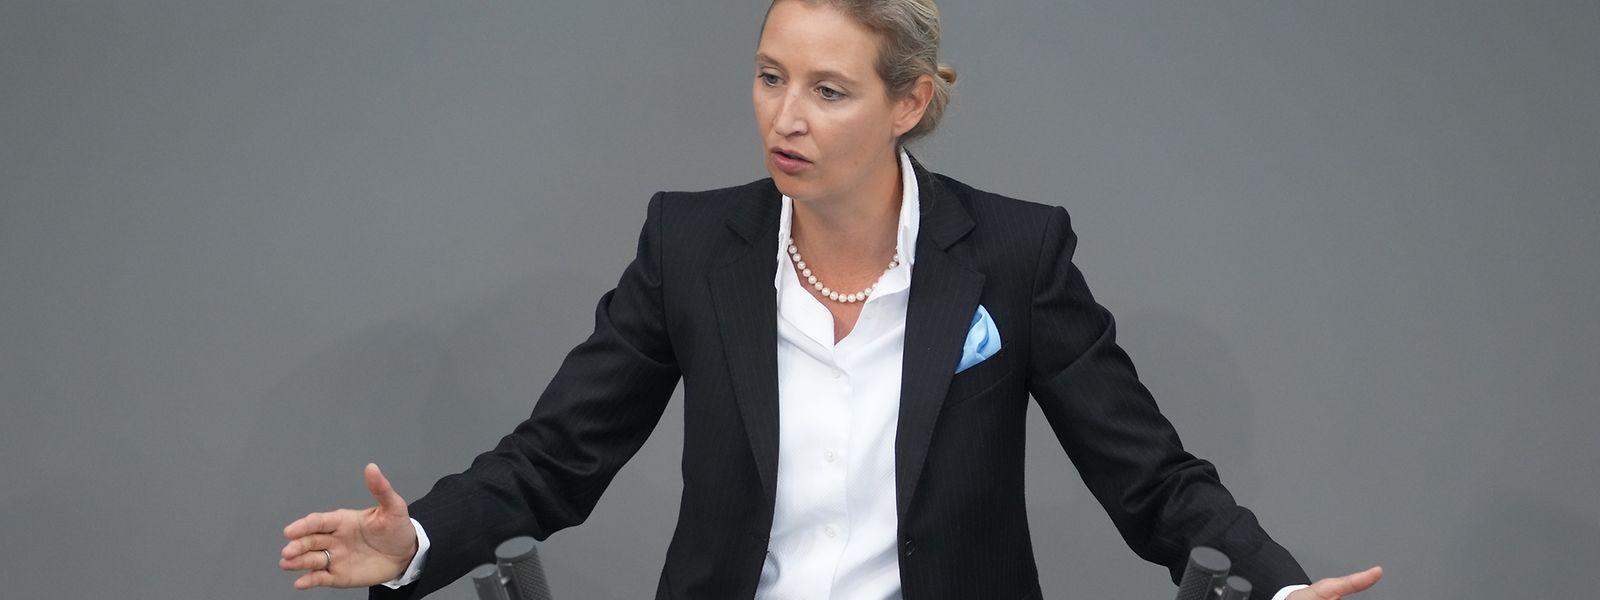 Alice Weidel, Fraktionsvorsitzende der AfD, bei der voraussichtlich letzten Bundestagsdebatte vor der Wahl.